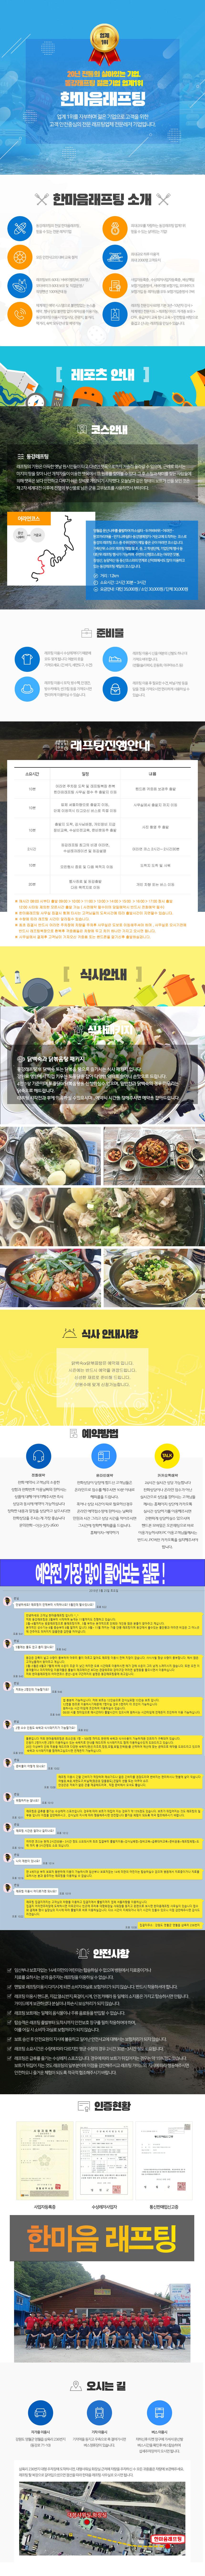 동강래프팅+닭백숙,닭도리탕.jpg